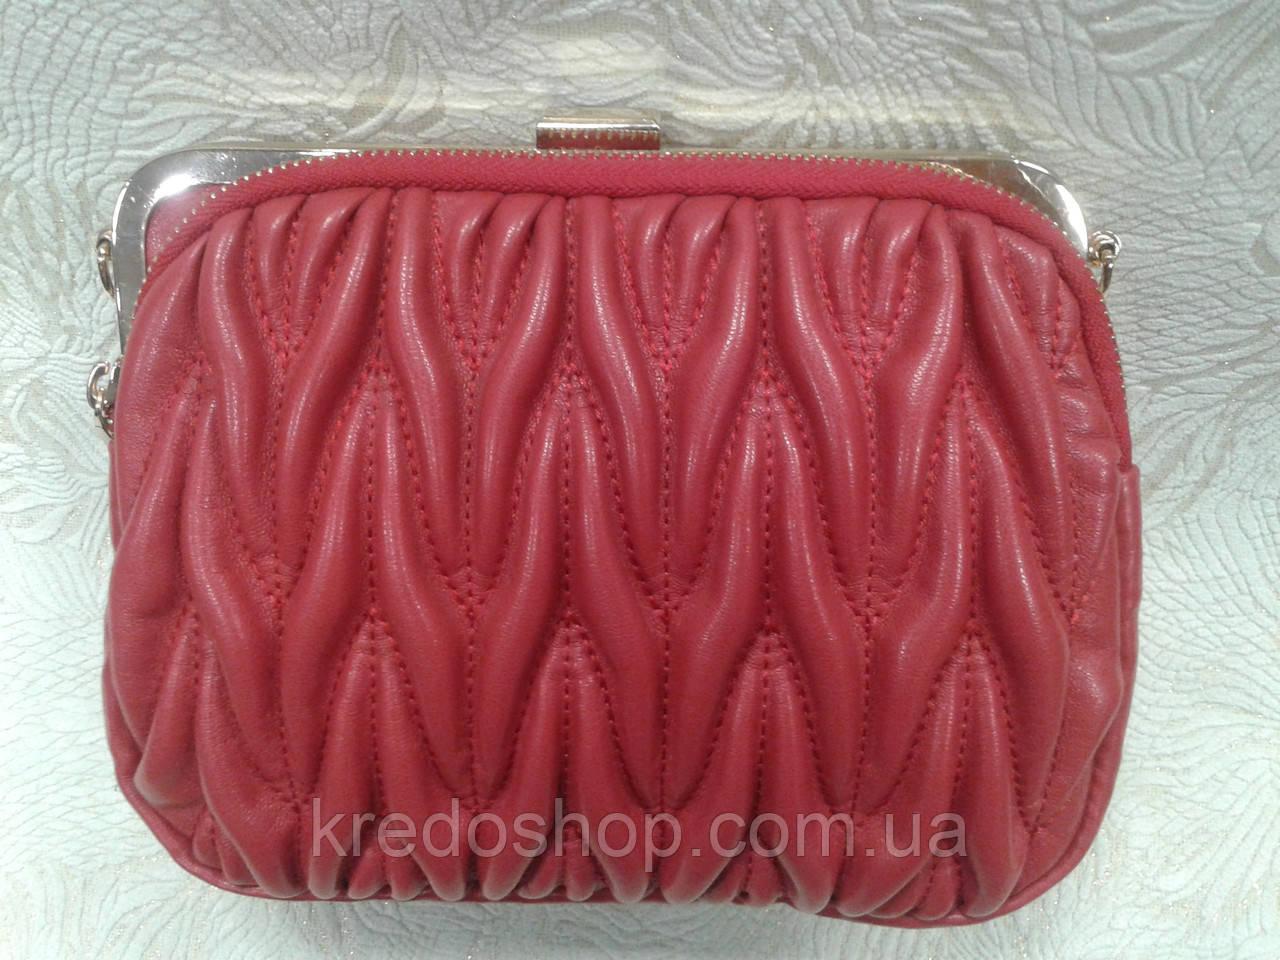 152c6208684e Женский клатч красный,стильный на три отдела.(Турция) - Интернет-магазин